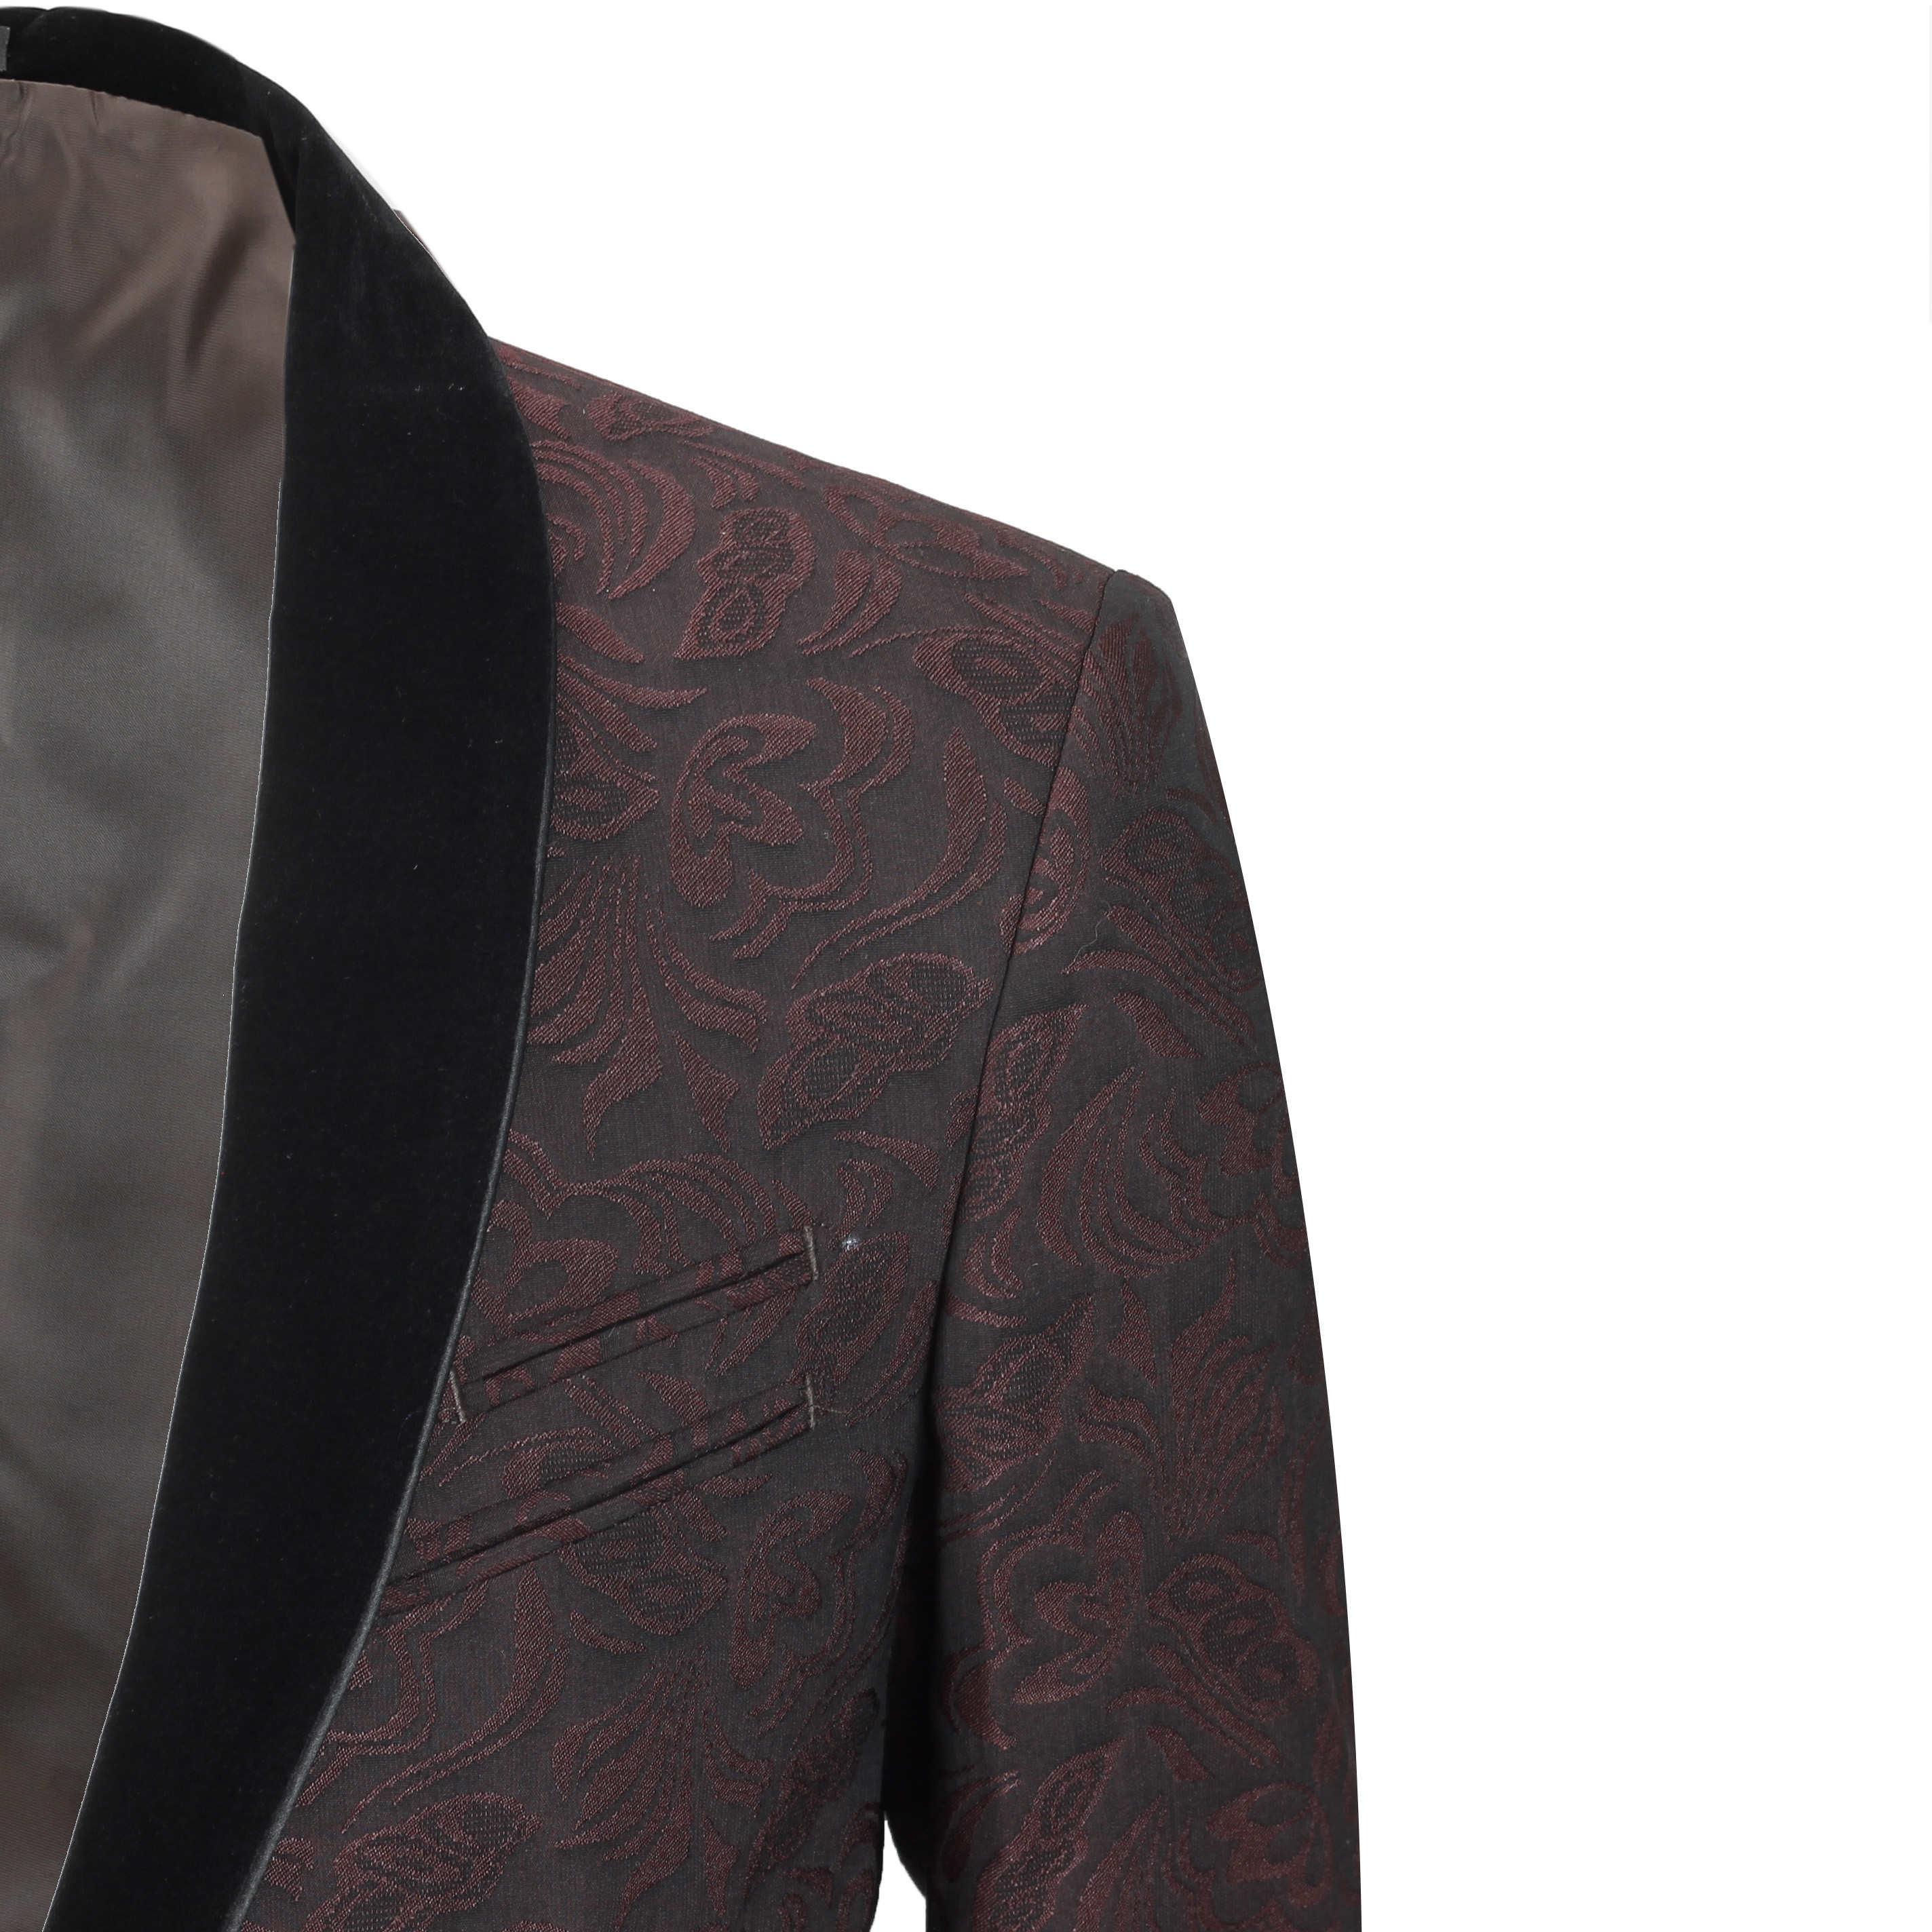 Mens-Vintage-Jacquard-Floral-Print-Tuxedo-Suit-Jacket-Black-Velvet-Shawl-Lapel thumbnail 11